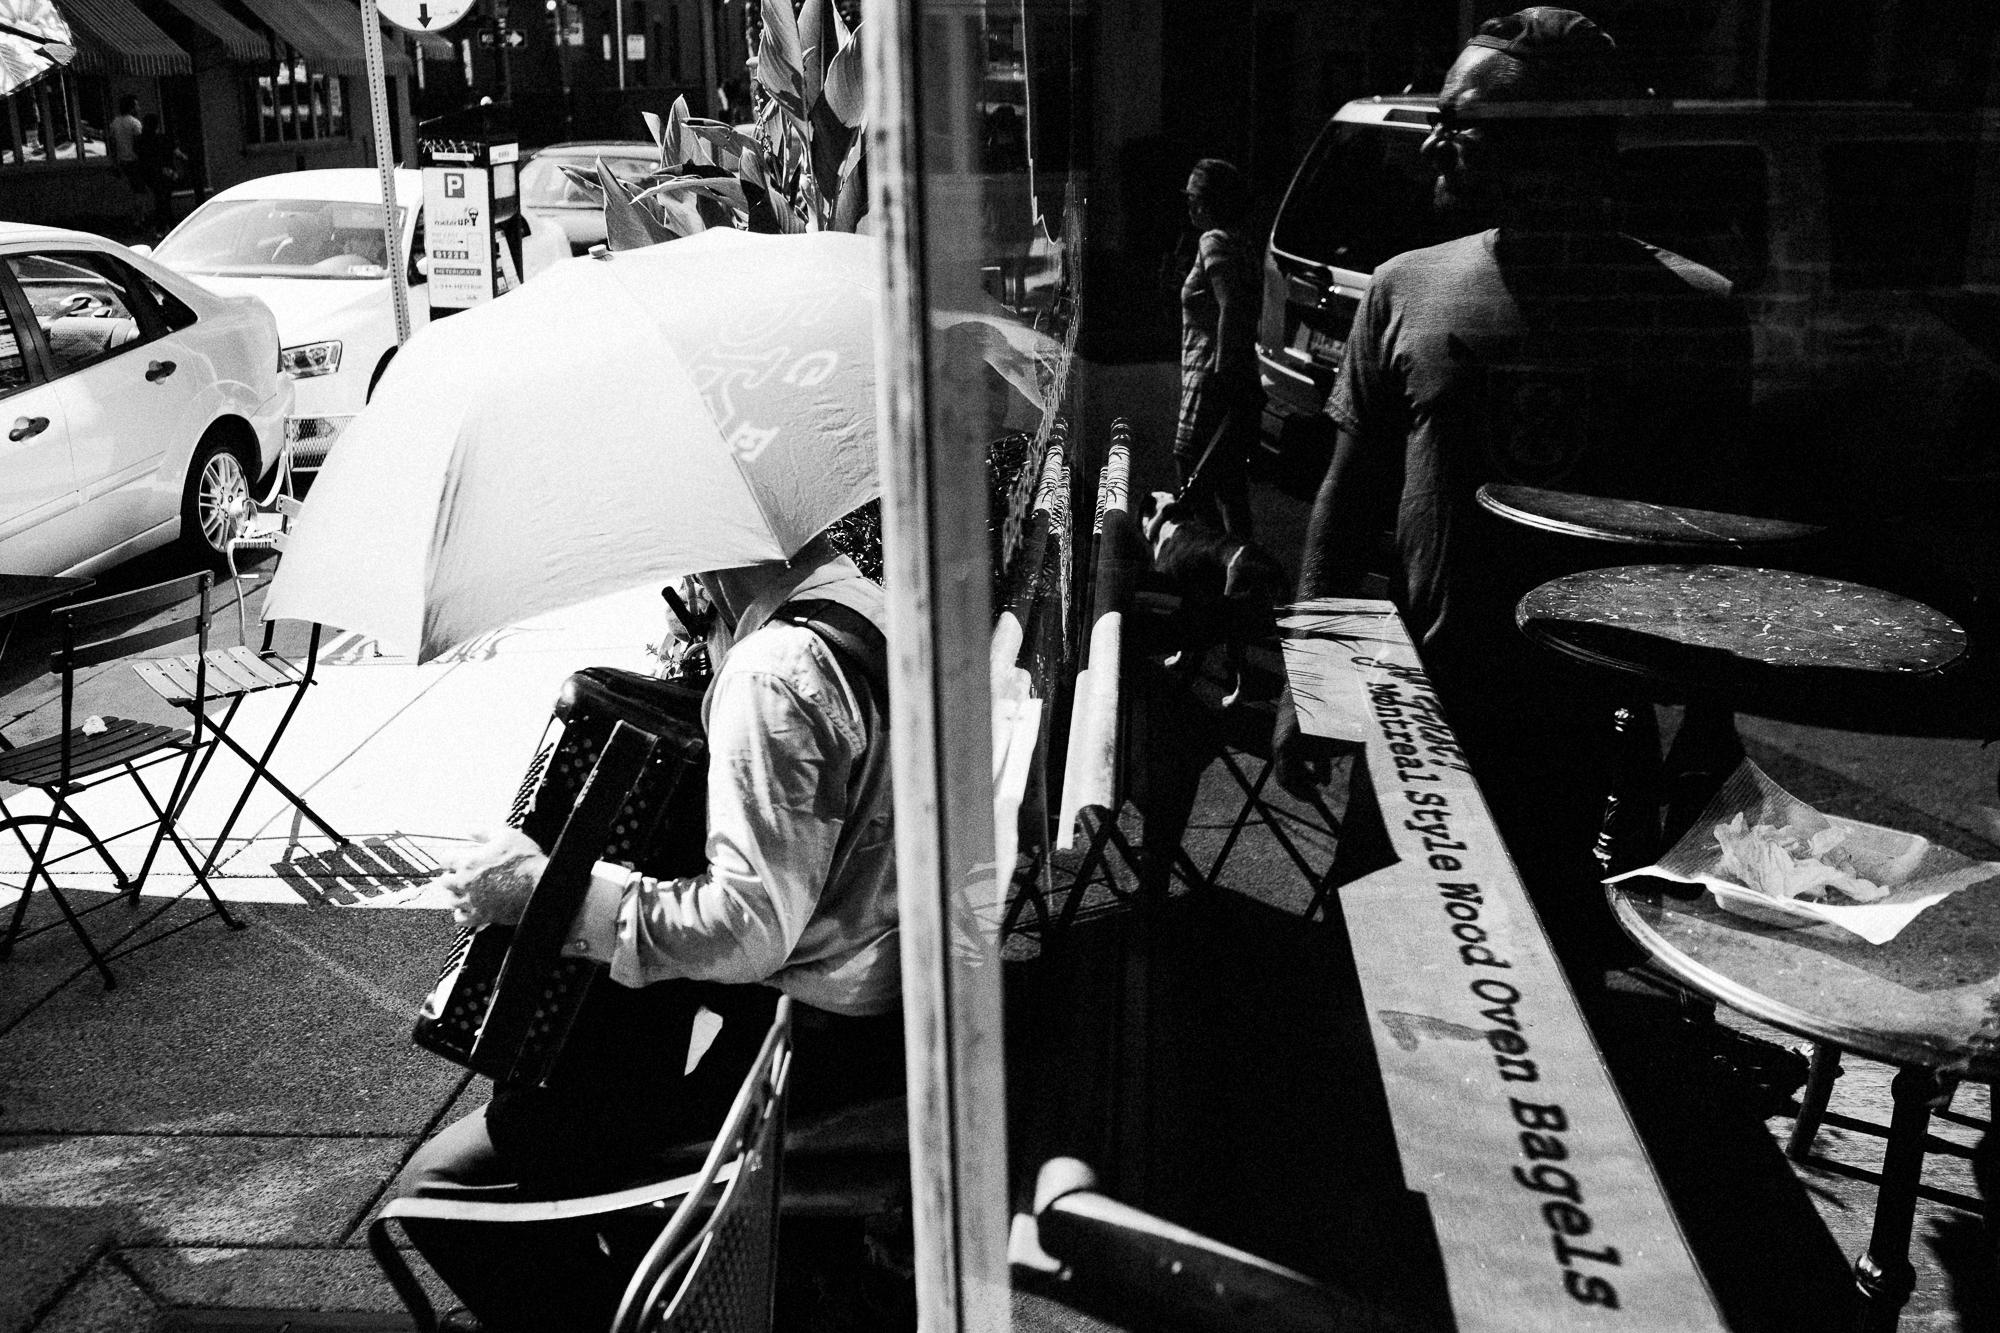 tednghiemphotoweekend-18.jpg